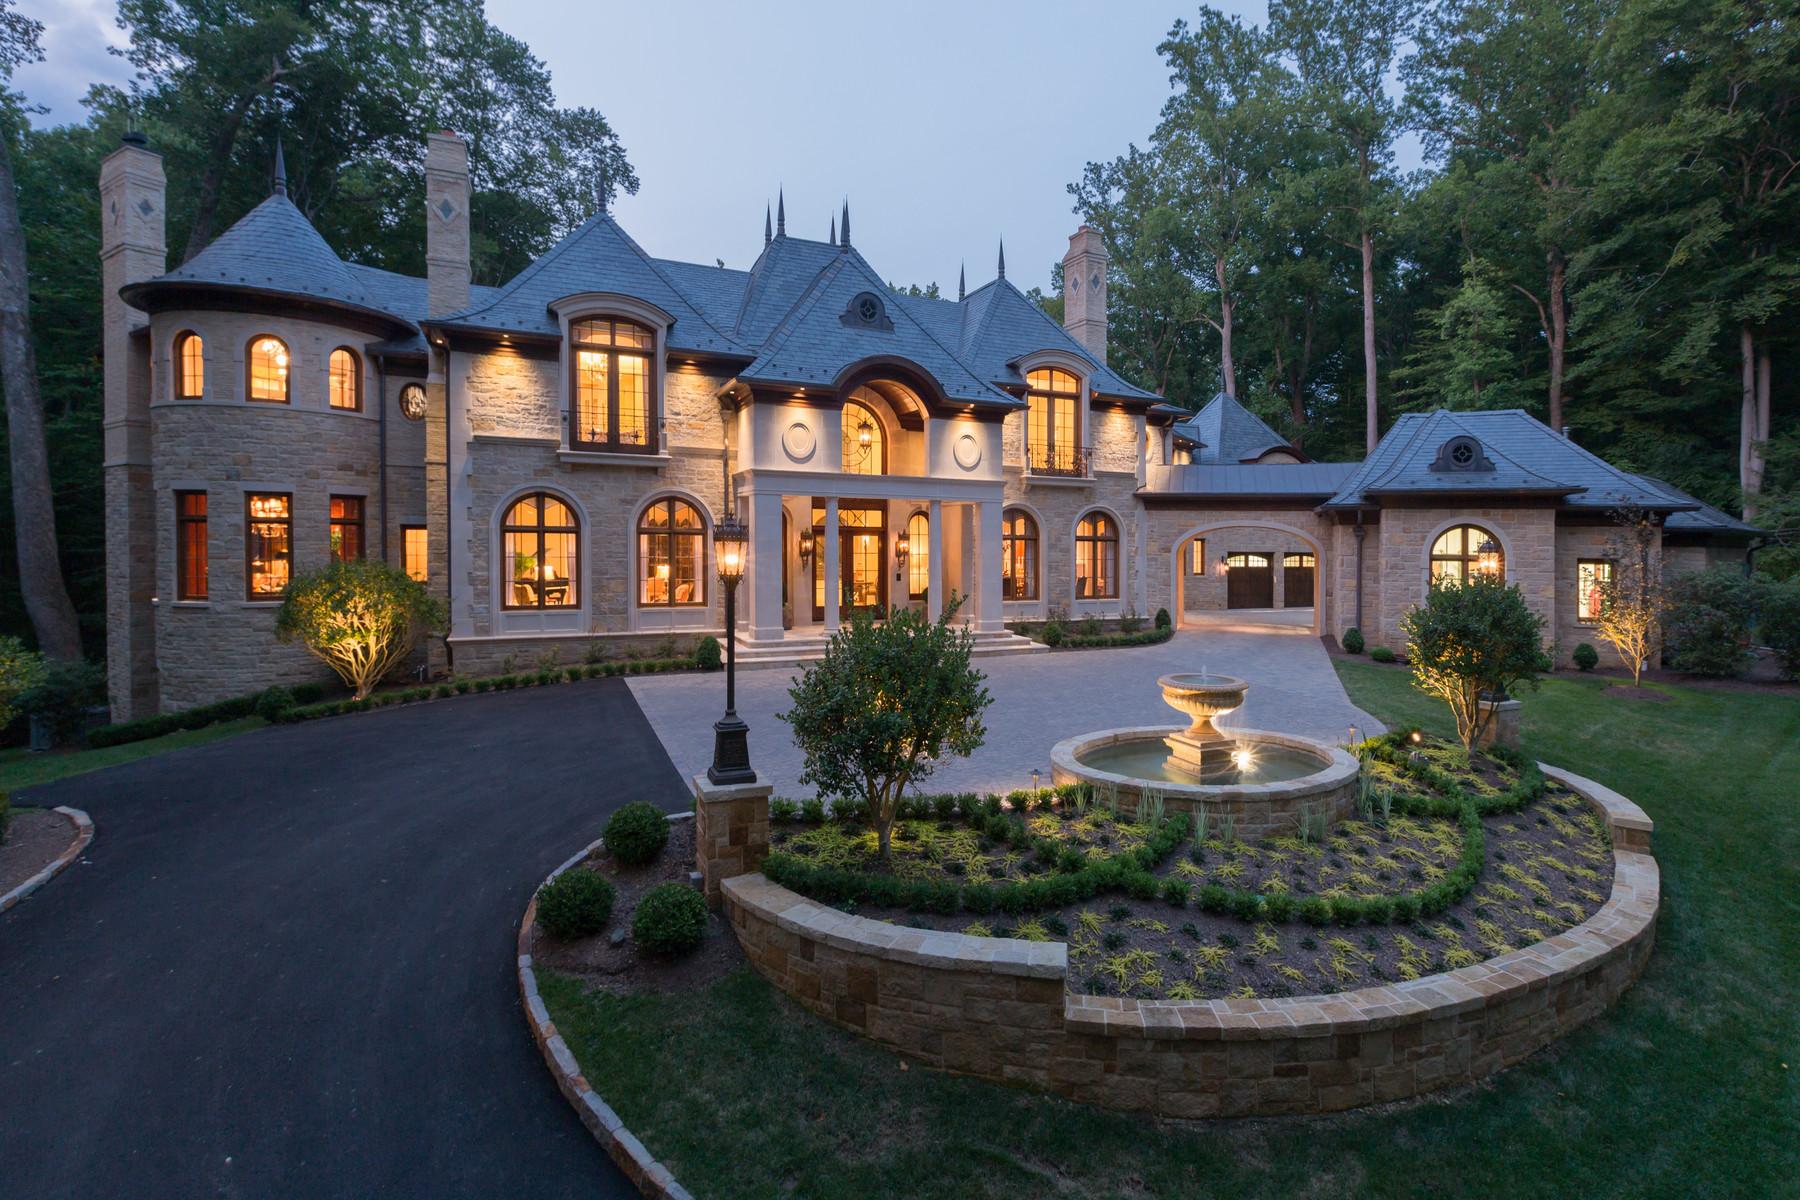 Частный односемейный дом для того Продажа на 801 Turkey Run Rd. McLean VA McLean, Виргиния 22101 Соединенные Штаты